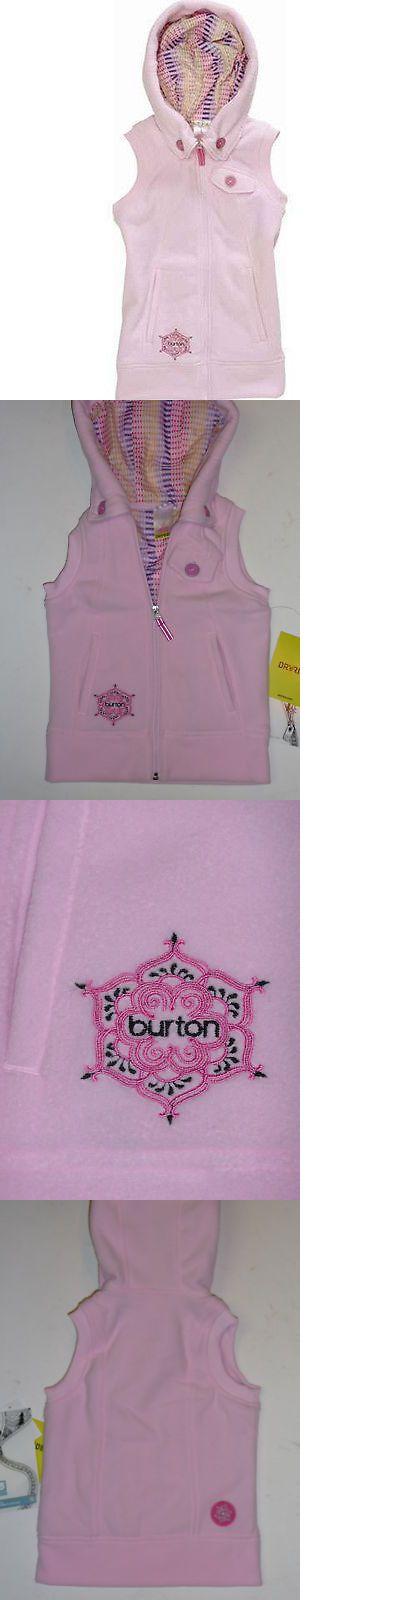 Vests 179012: Burton Starrlight Fleece Vest Jacket Girls Xl Juniors Womens S Pink BUY IT NOW ONLY: $67.51